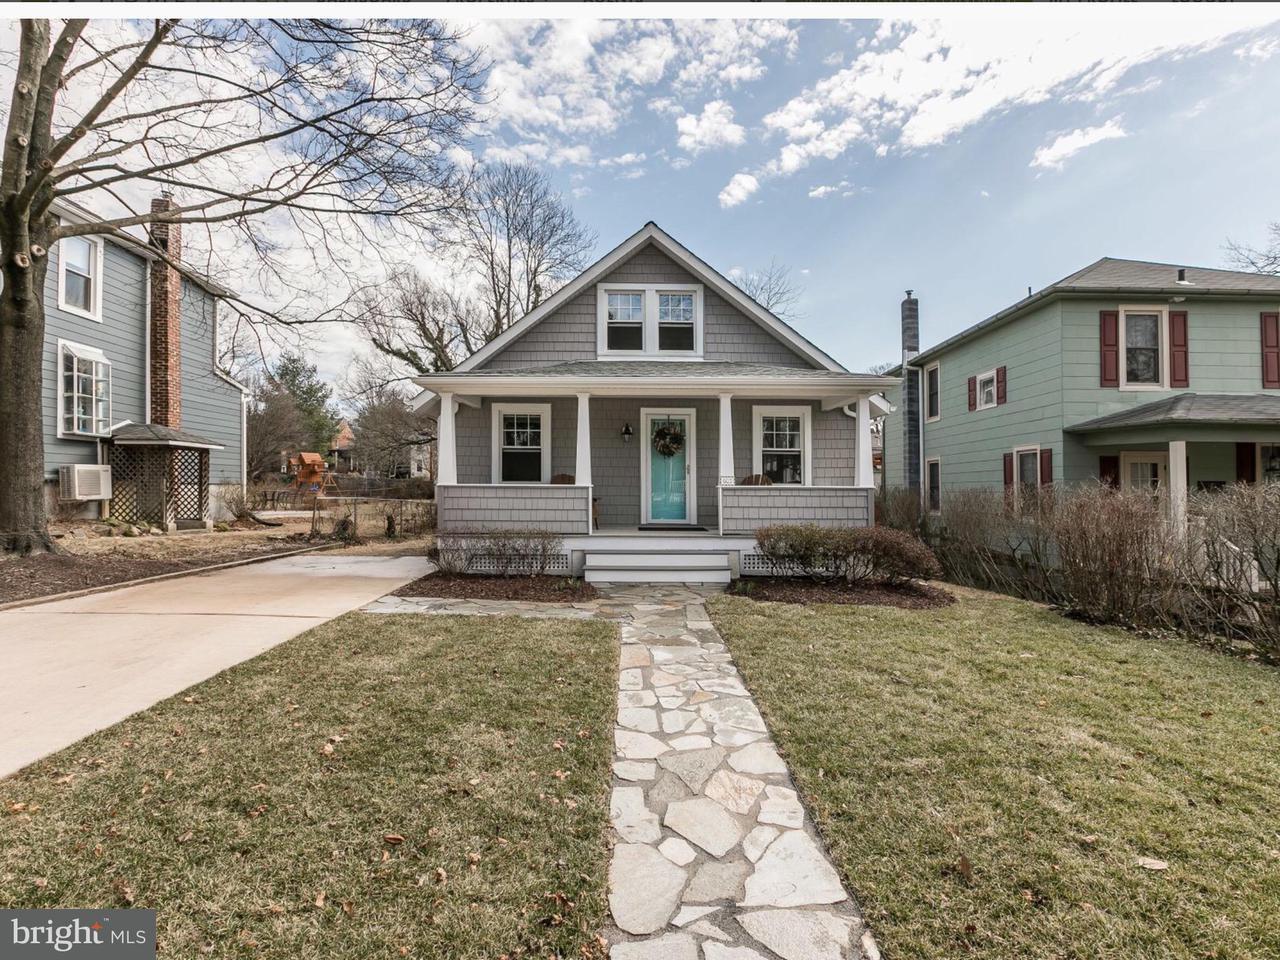 一戸建て のために 売買 アット 603 Debaugh Avenue 603 Debaugh Avenue Towson, メリーランド 21204 アメリカ合衆国